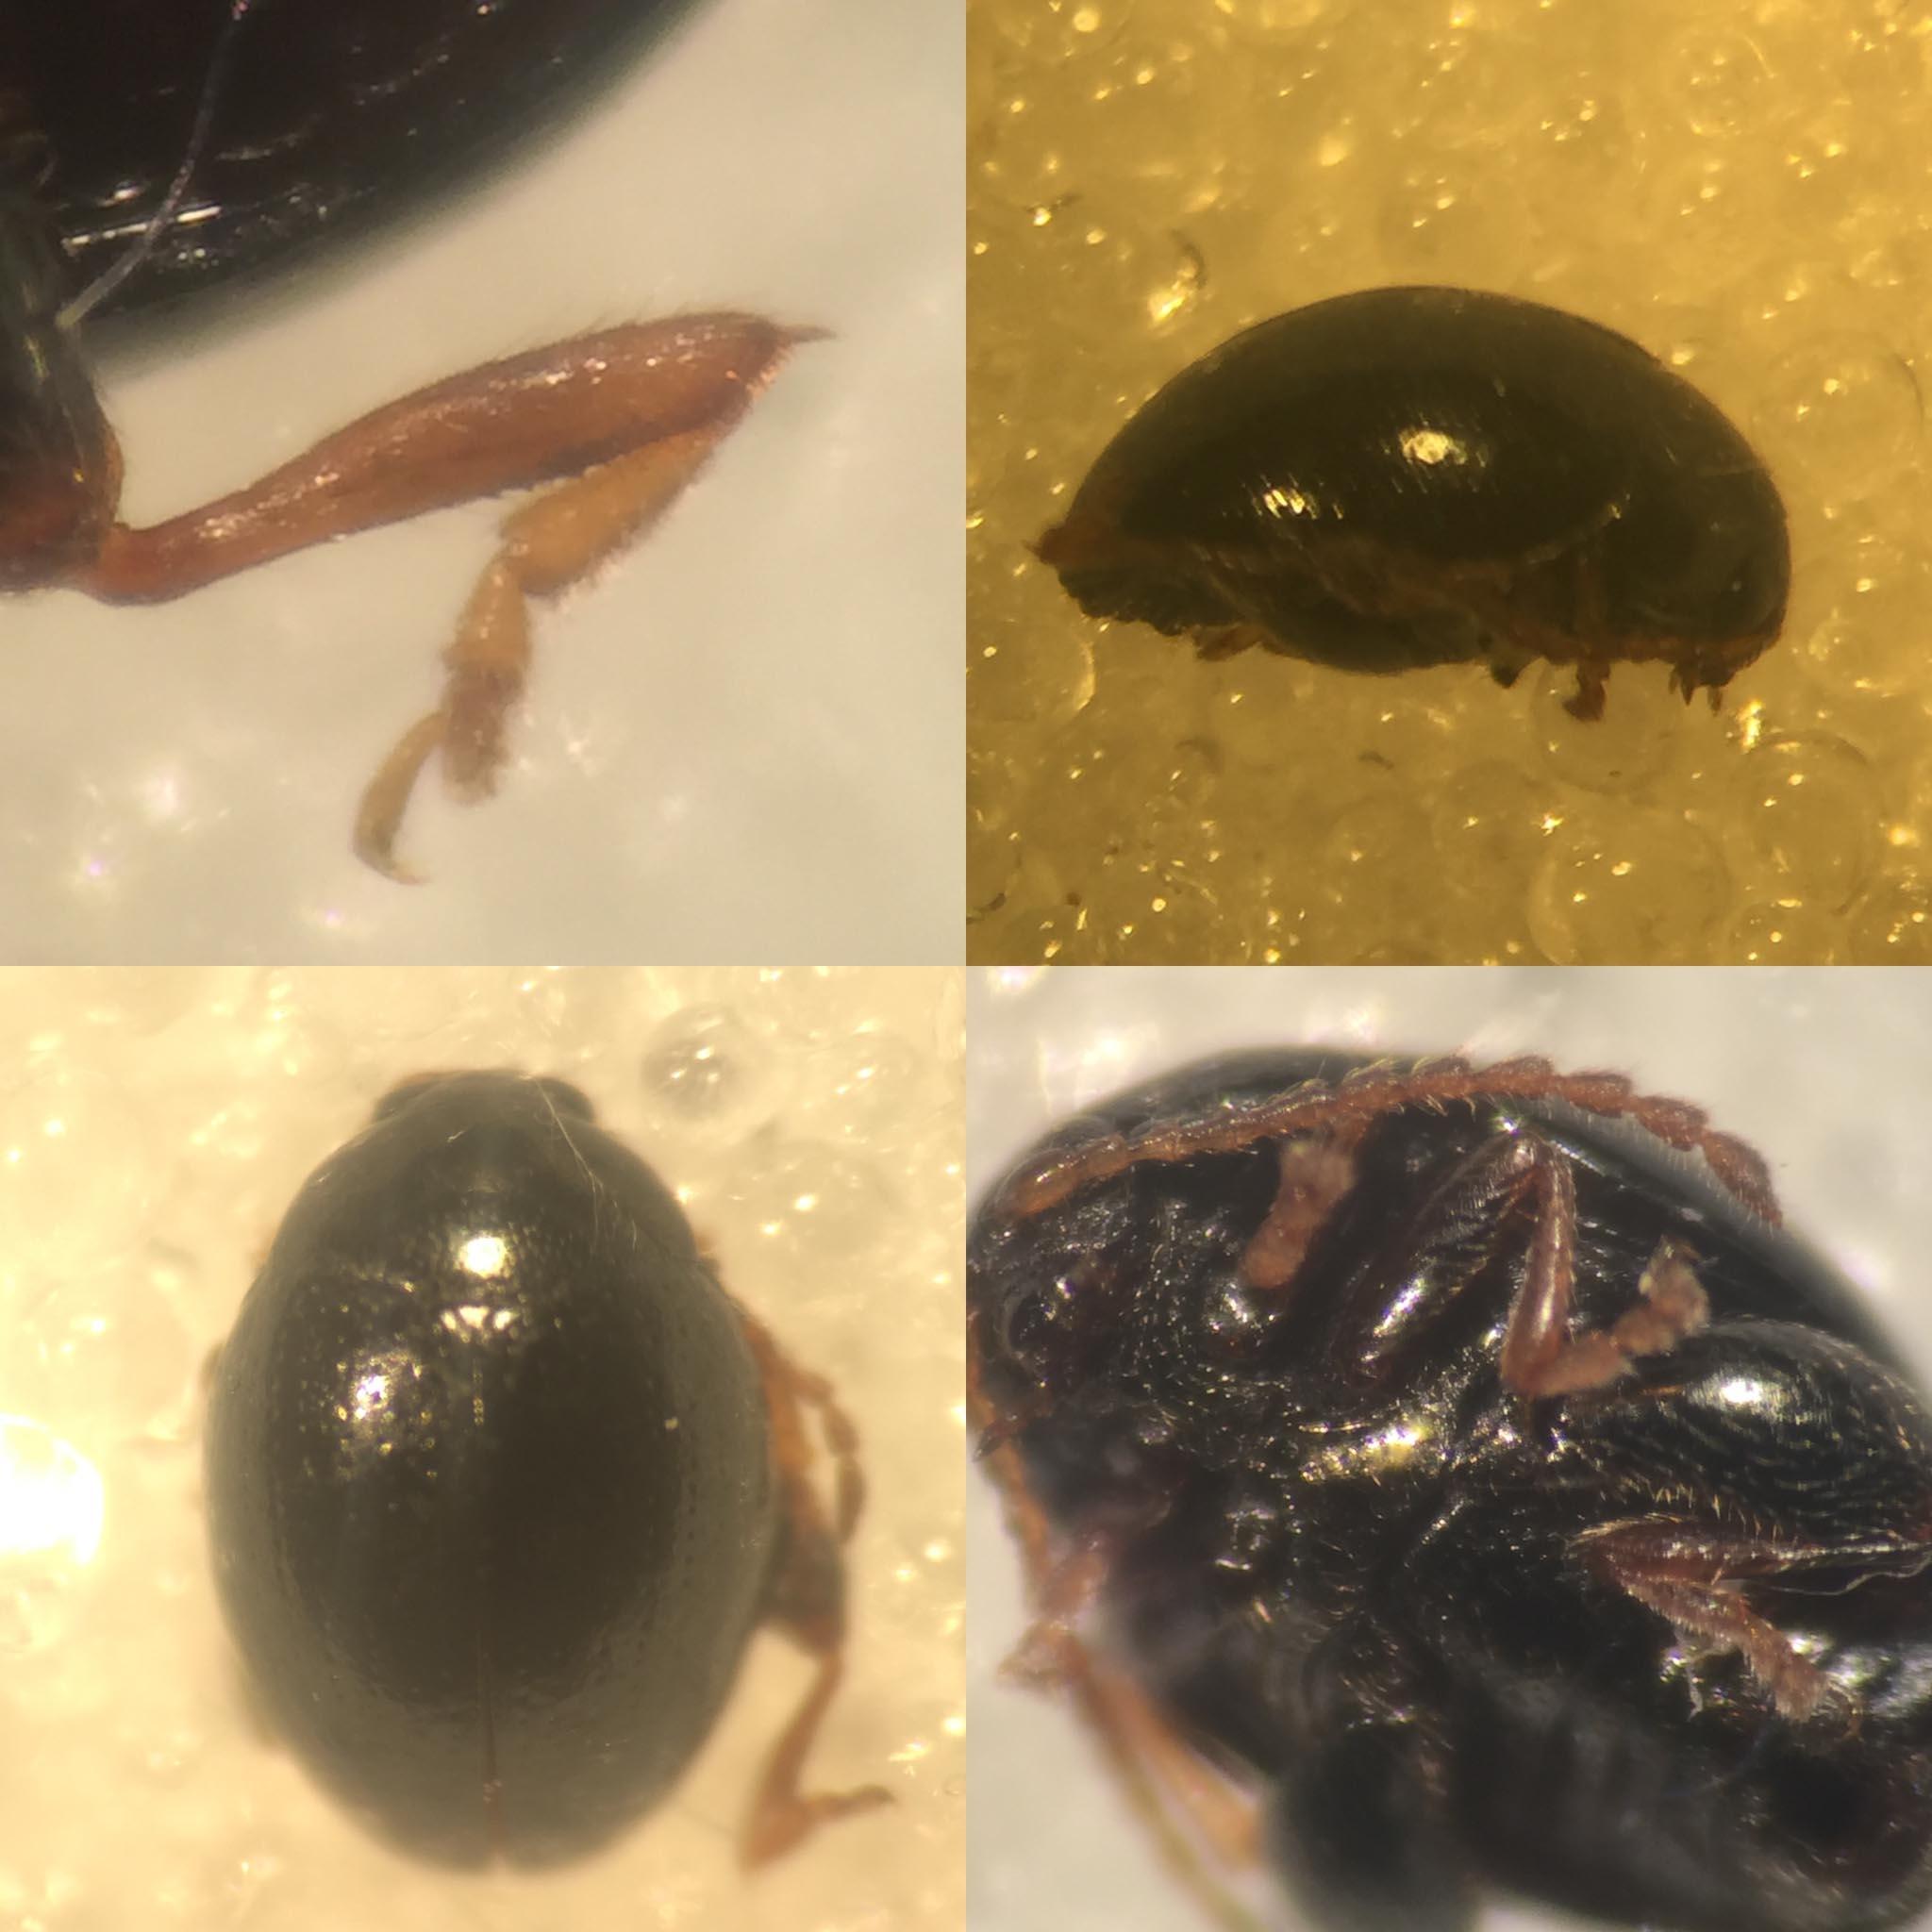 Apteropeda globosa (Apteropeda globosa)